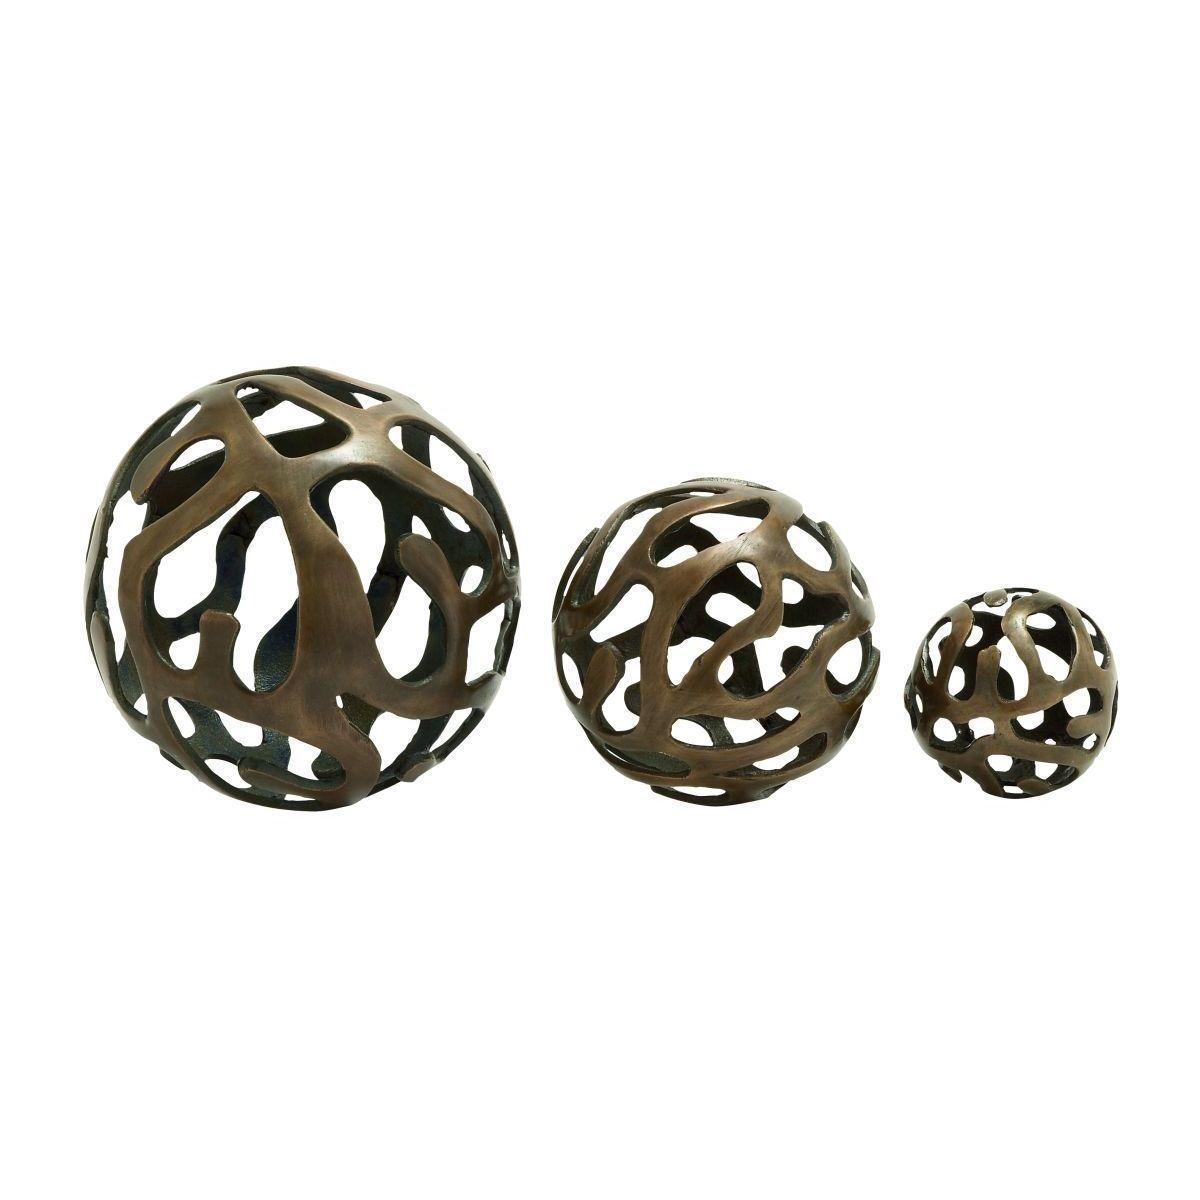 Silver Decorative Balls Studio 350 Aluminum Decor Balls Set Of 3 Alum Decor Ball S3 8